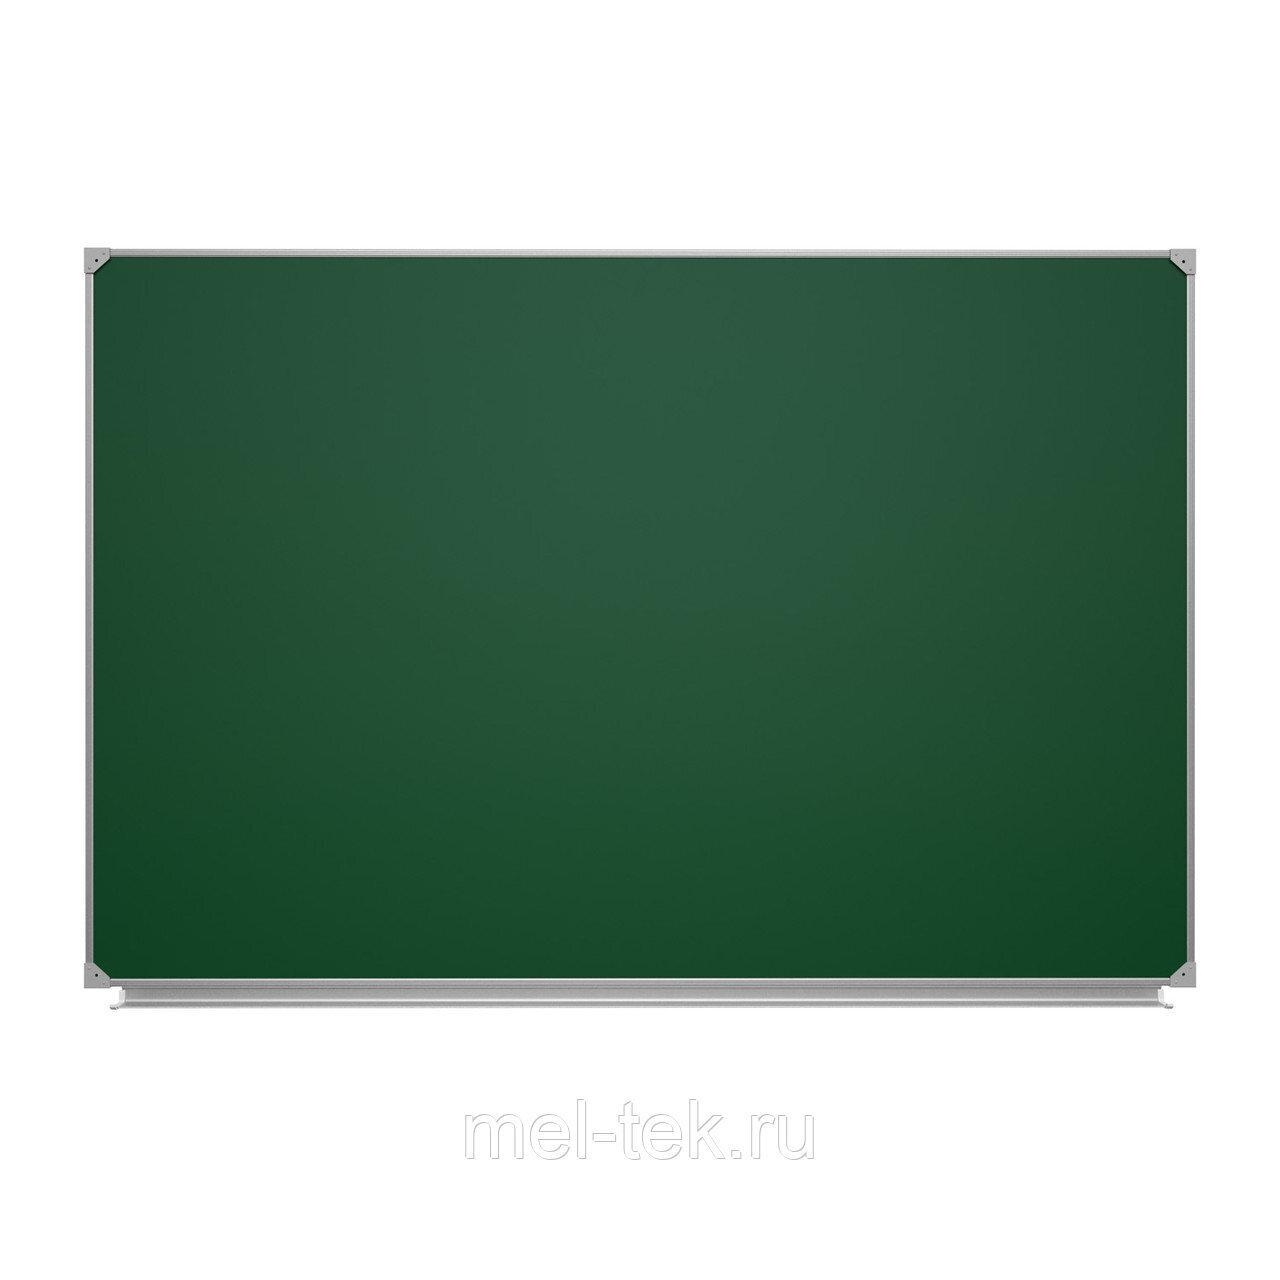 Доска магнитно-меловая 1эл 170 х 100 см